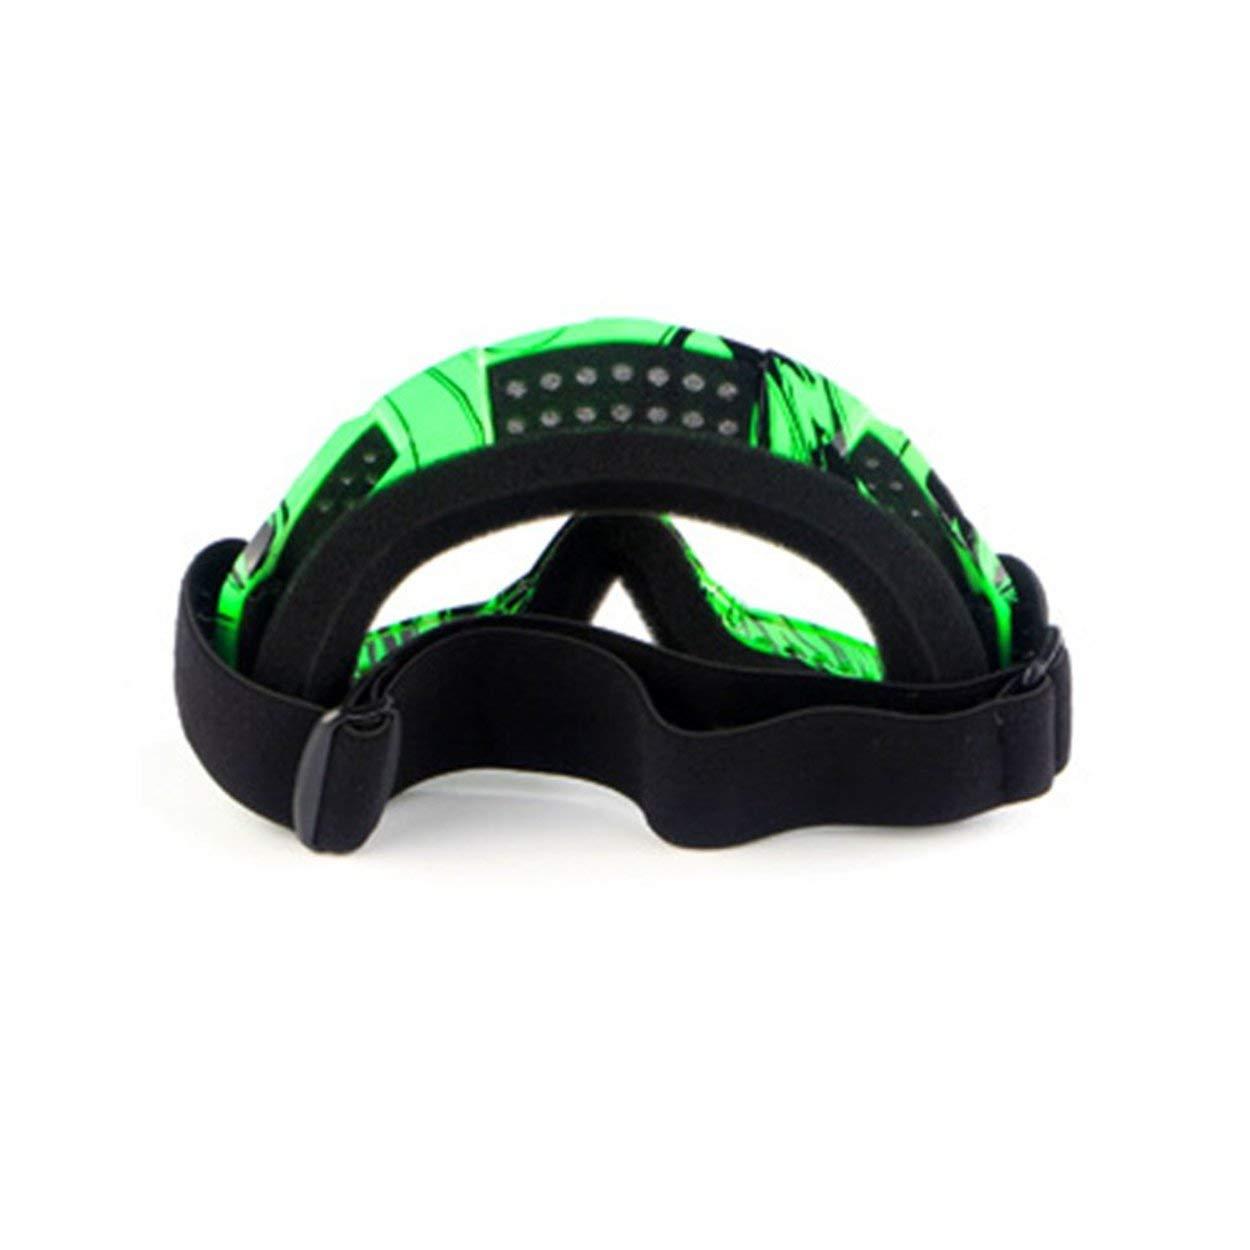 Lorenlli Motociclista Rider Wear X600 Gafas Protectoras de Motocross para el esqu/í Gafas para Esquiar en la Actividad al Aire Libre